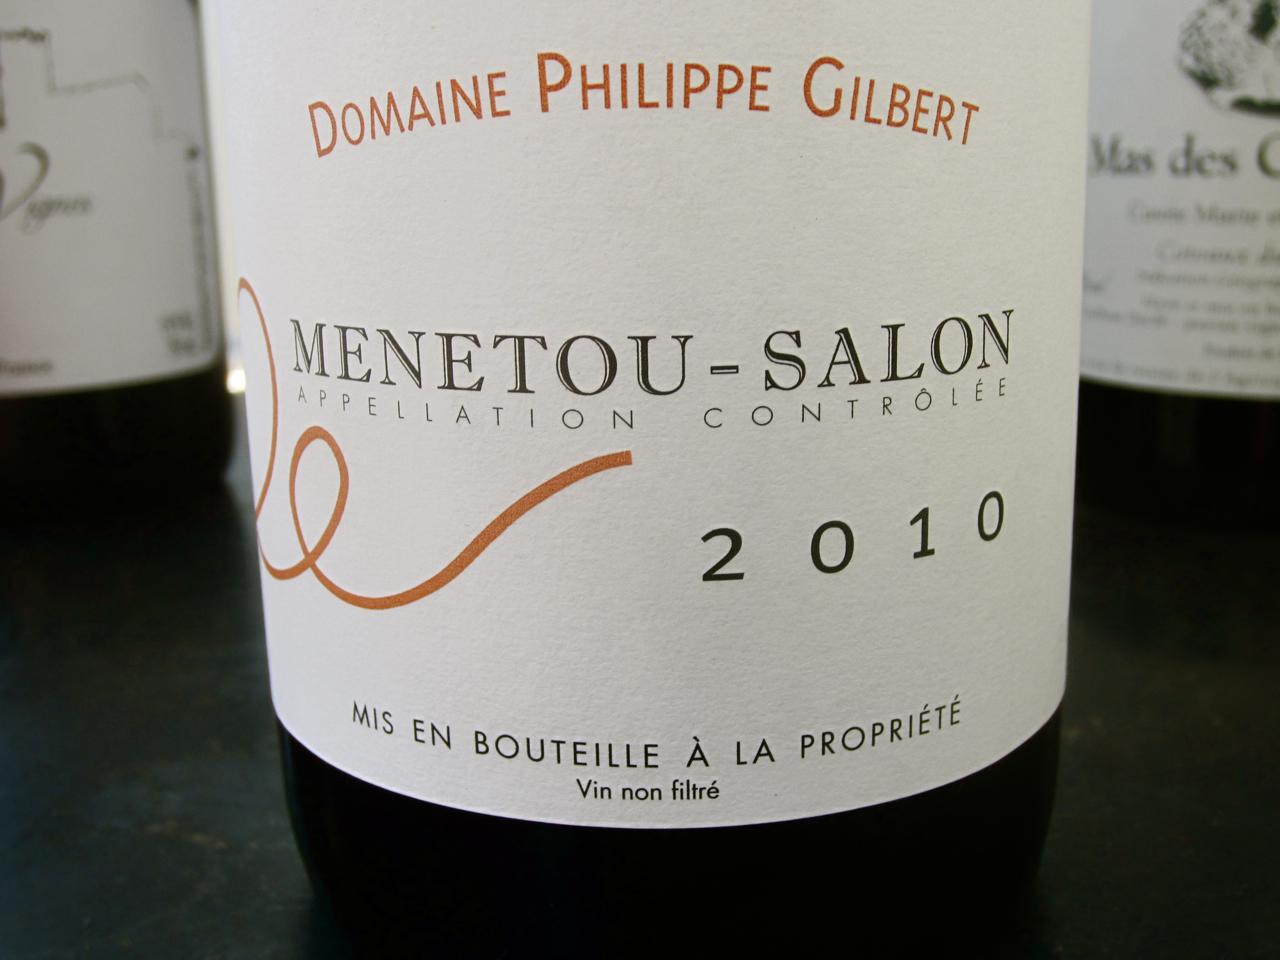 Finare vinare nya rg ngar hos vinik for Menetou salon rouge